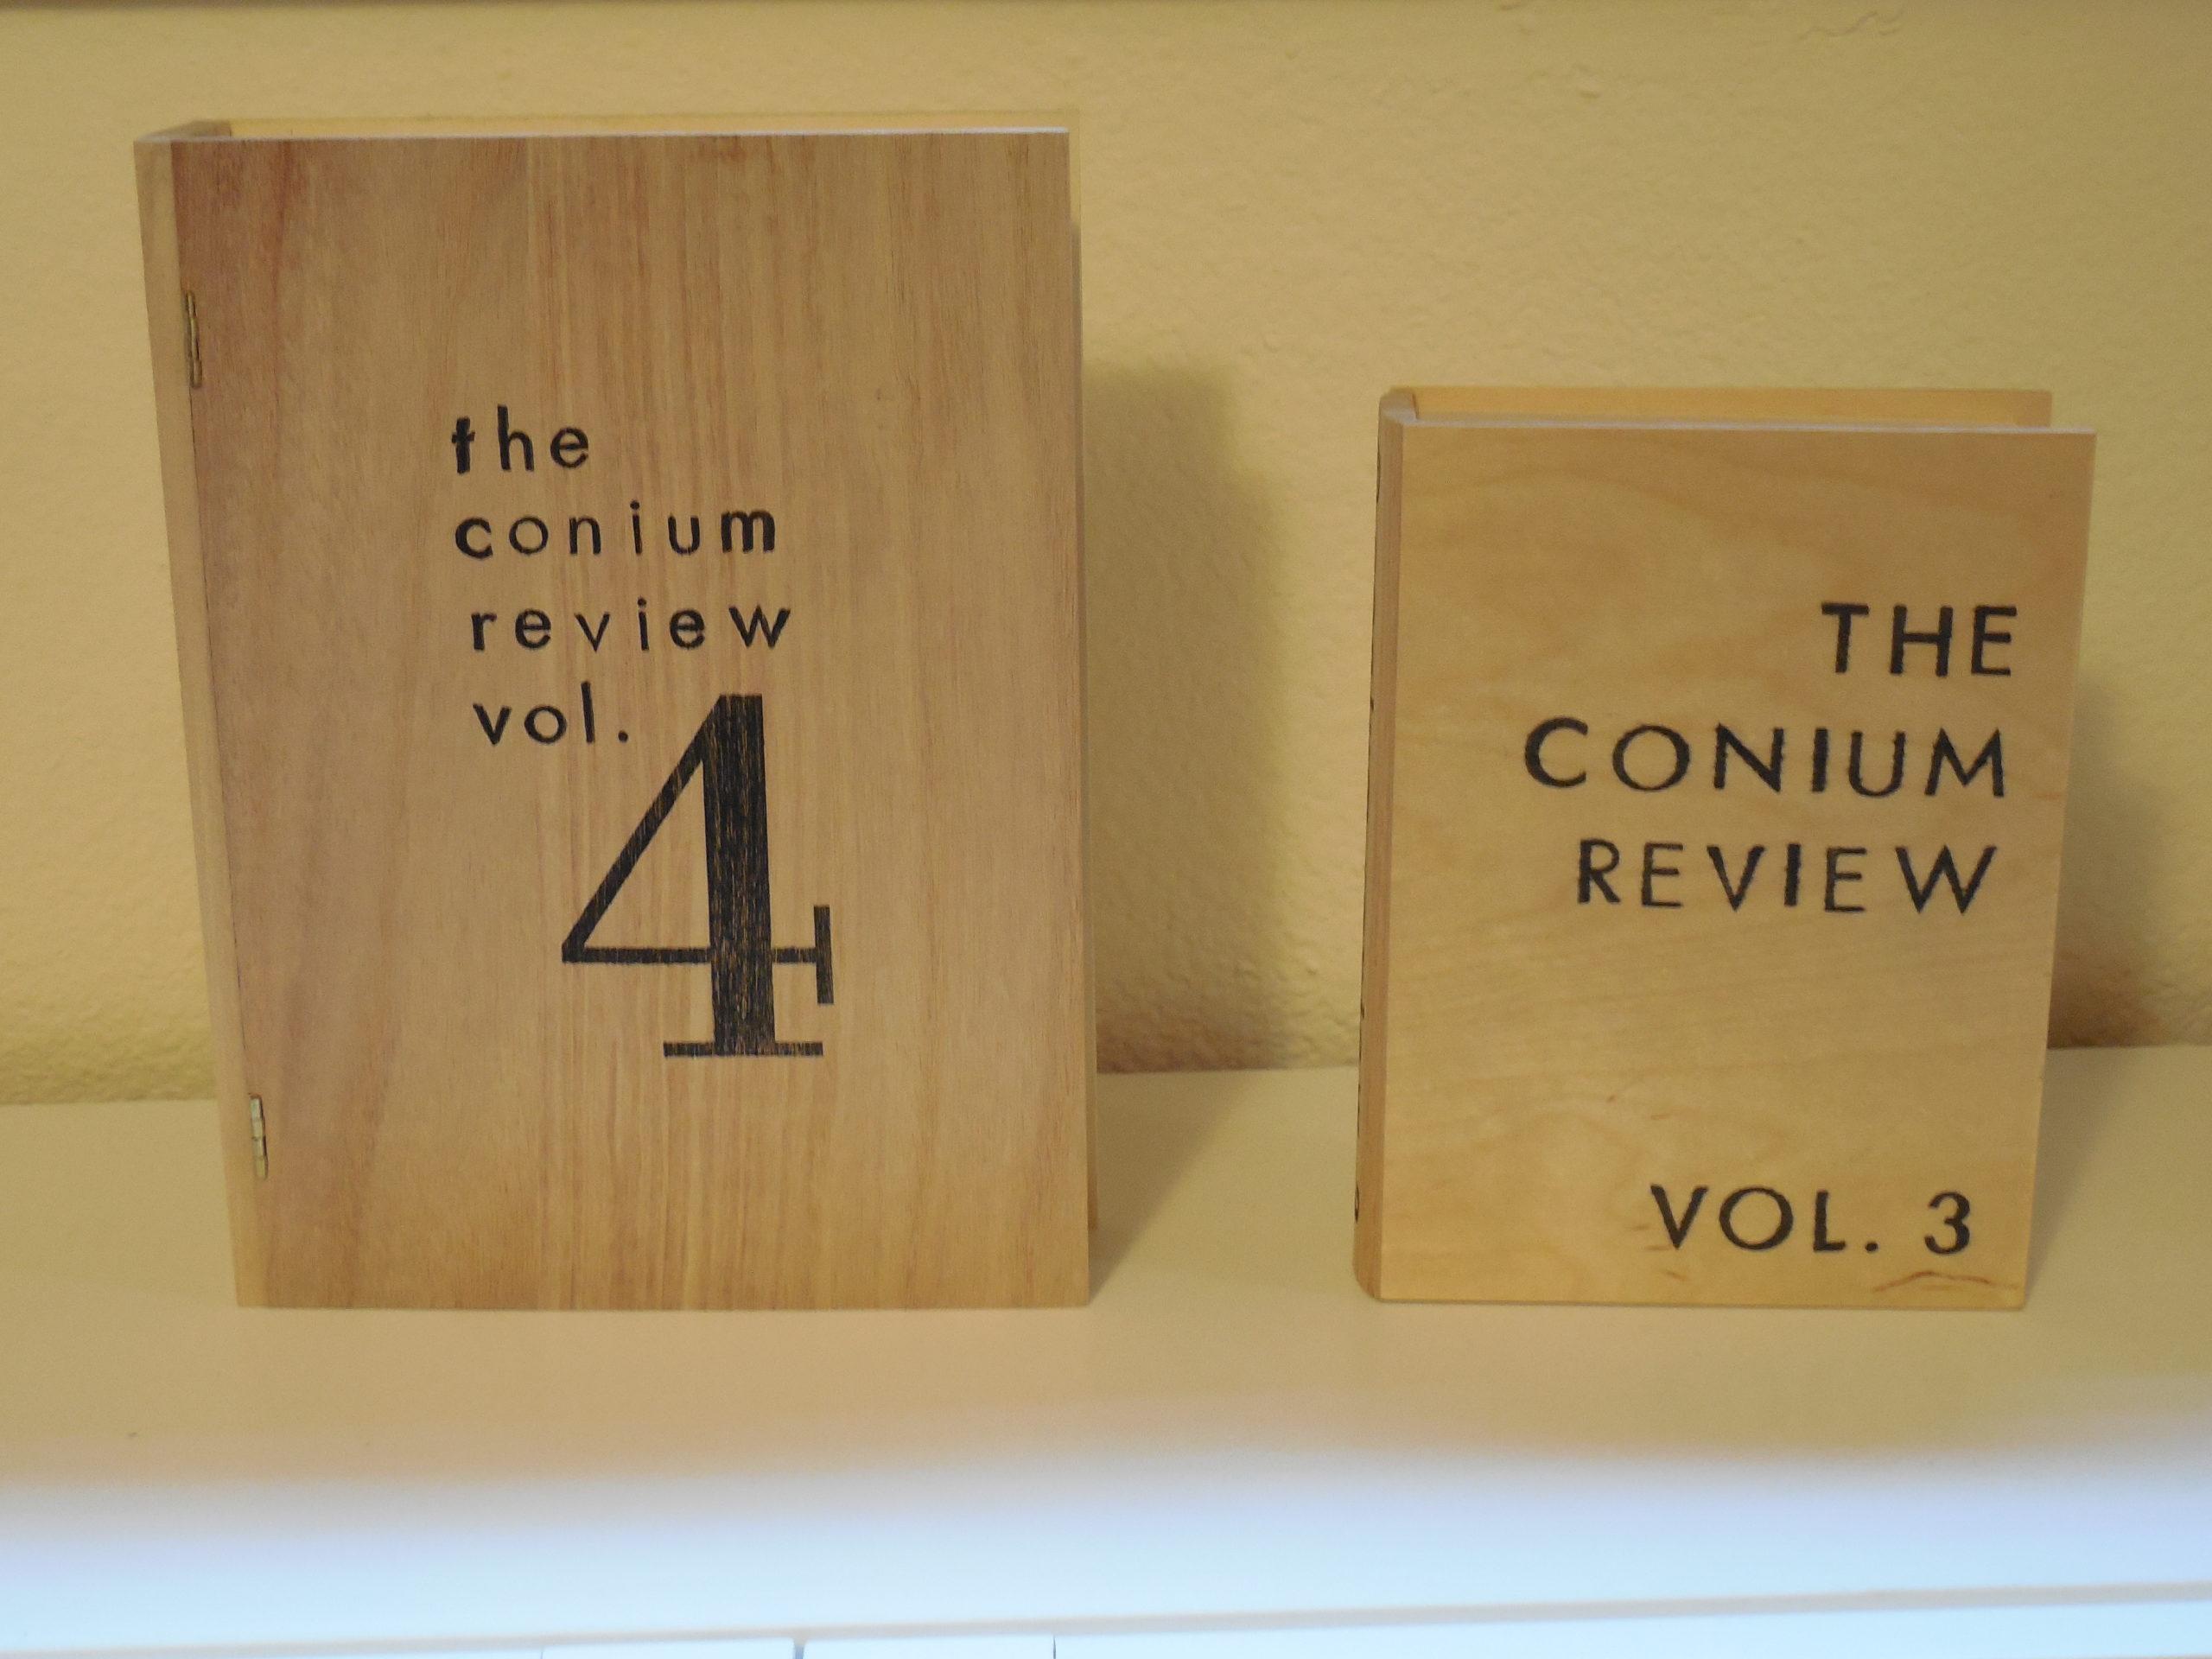 Vol 4 CE Cover Comparison